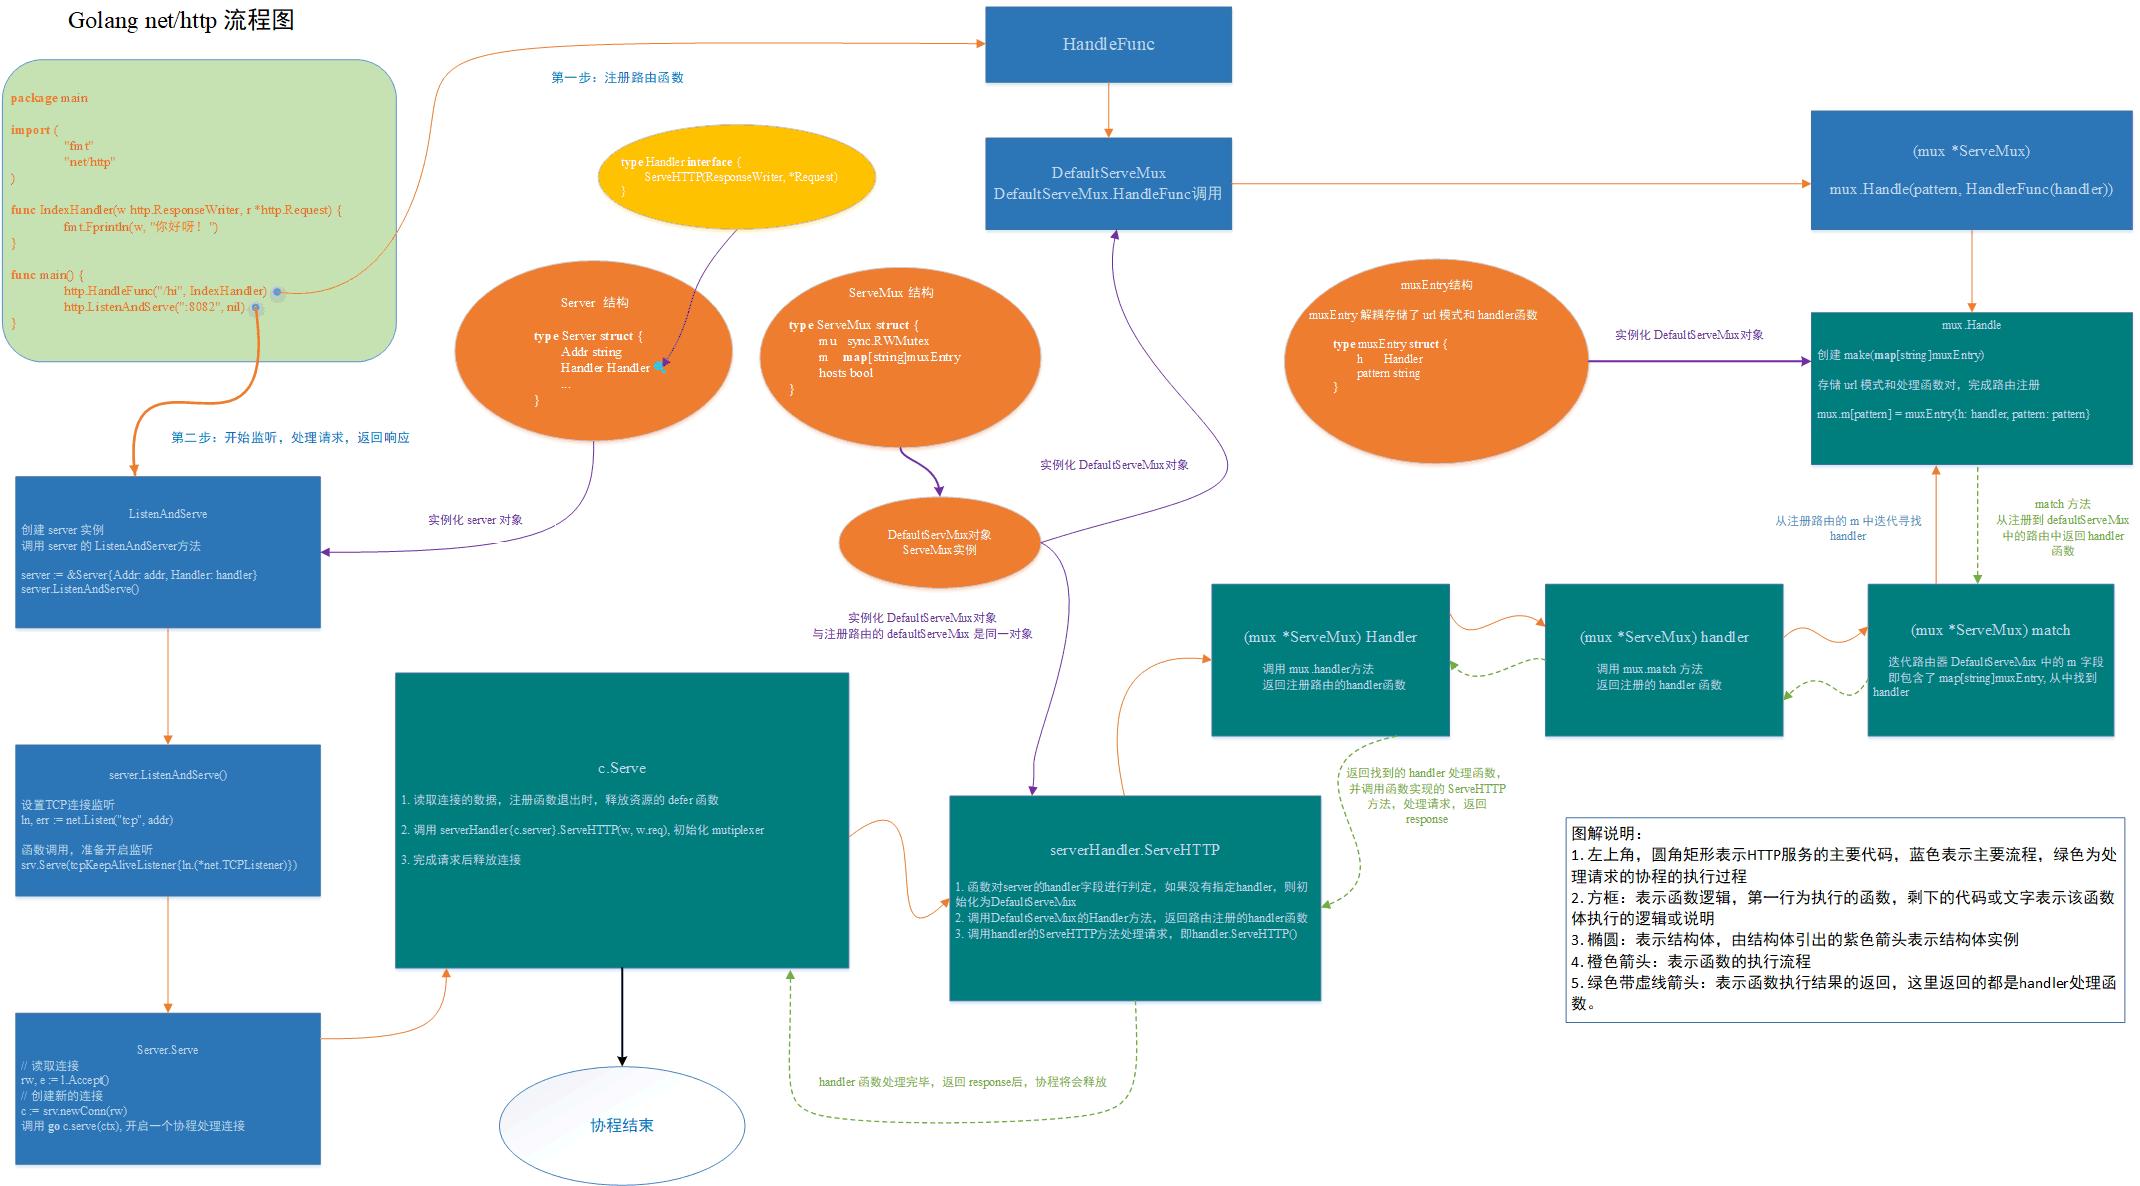 Go-net-http流程图